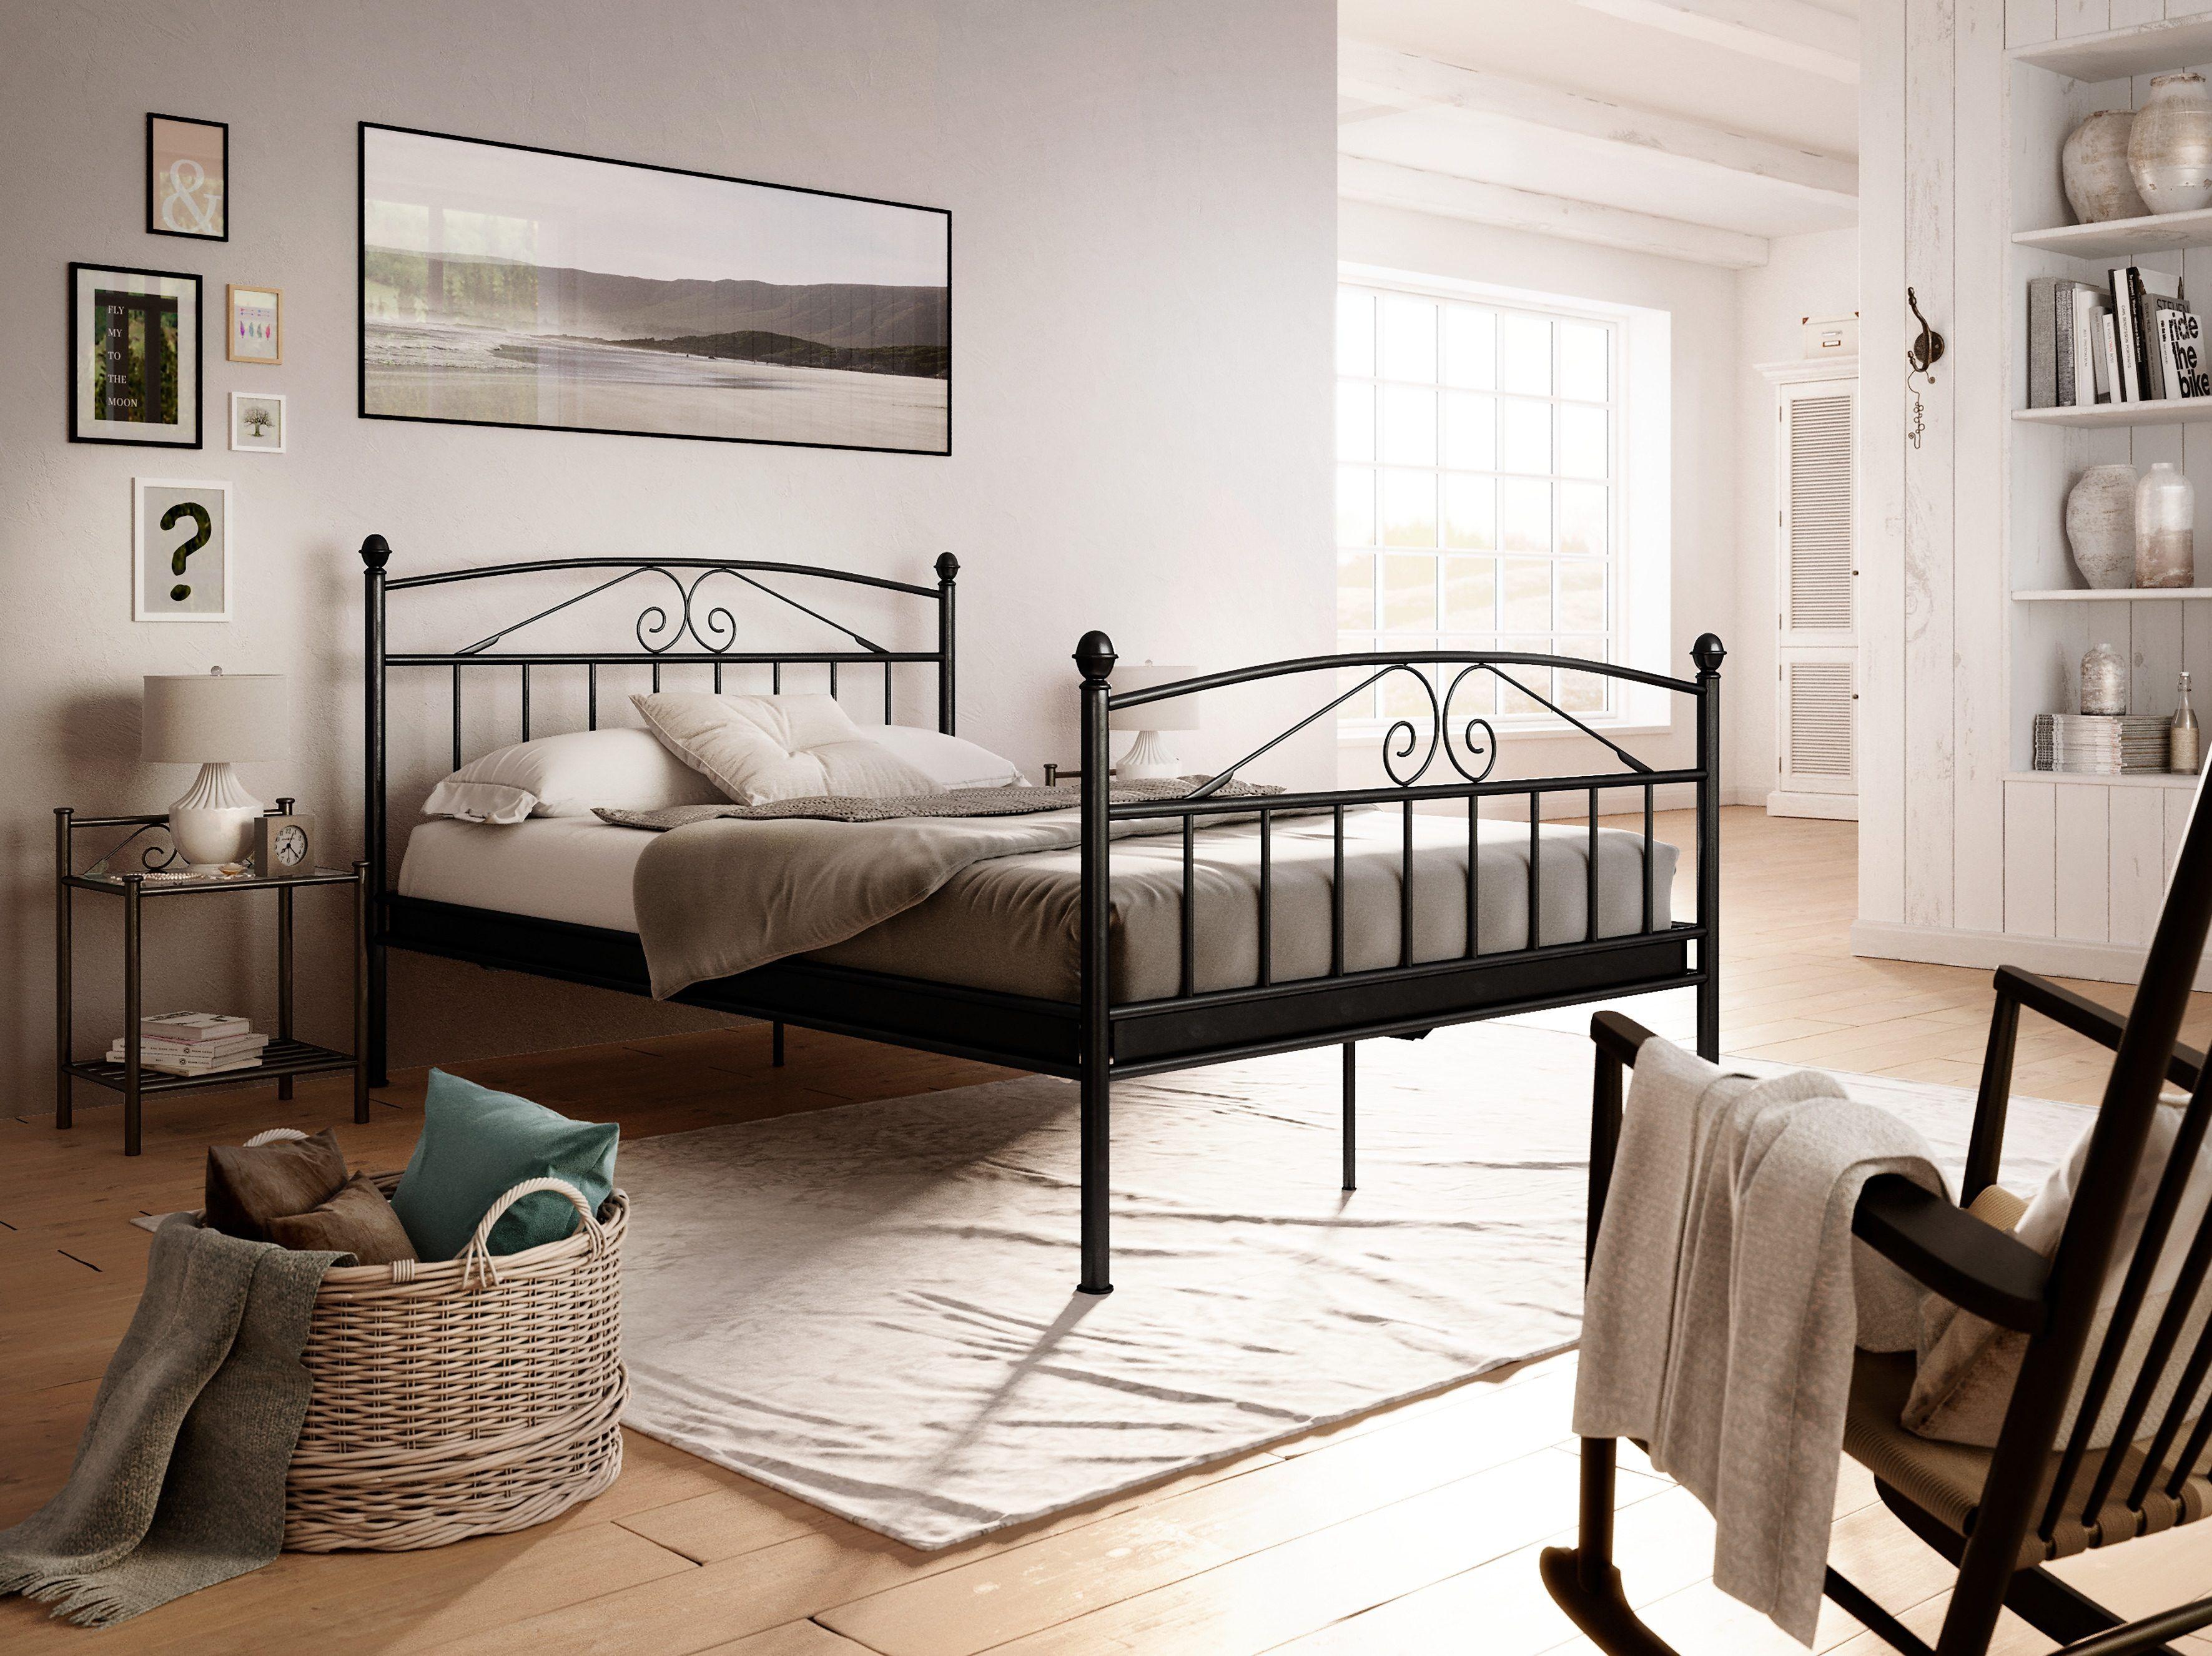 Romantisches schlafzimmer interieur home affaire metallbett birgit  bedrooms interiors and room